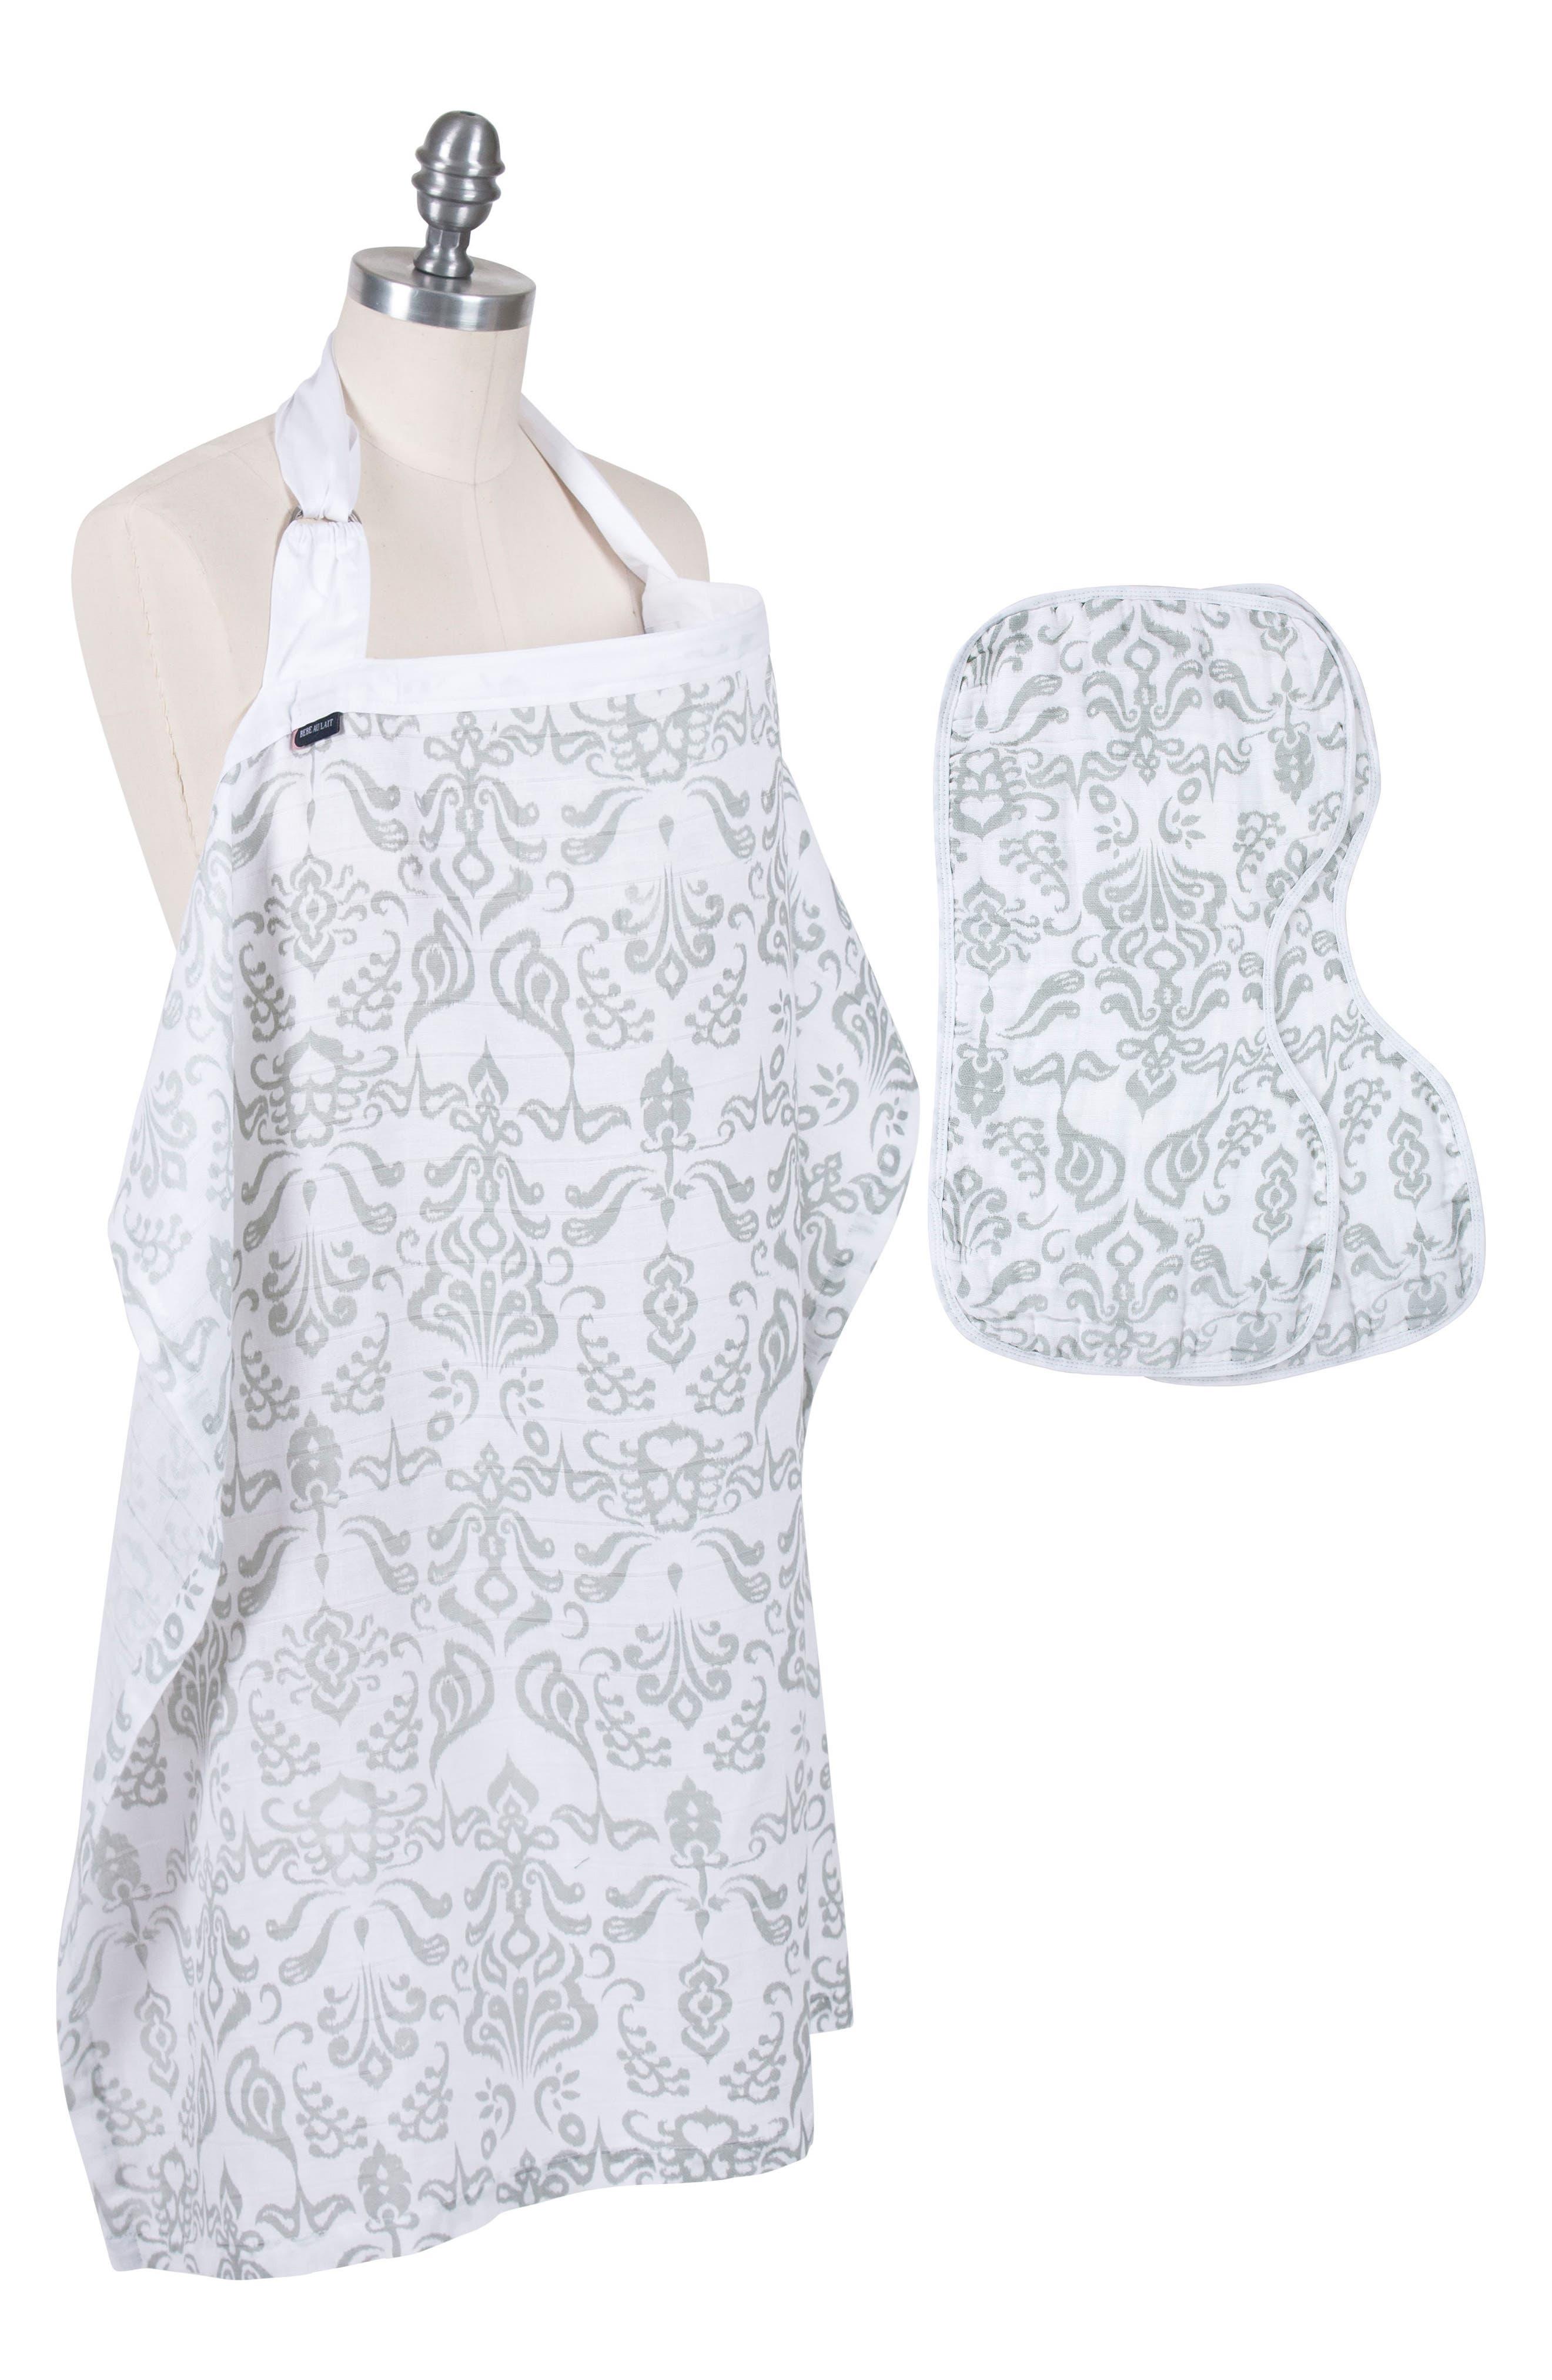 Bébé au Lait Muslin Nursing Cover & Burp Cloth Set